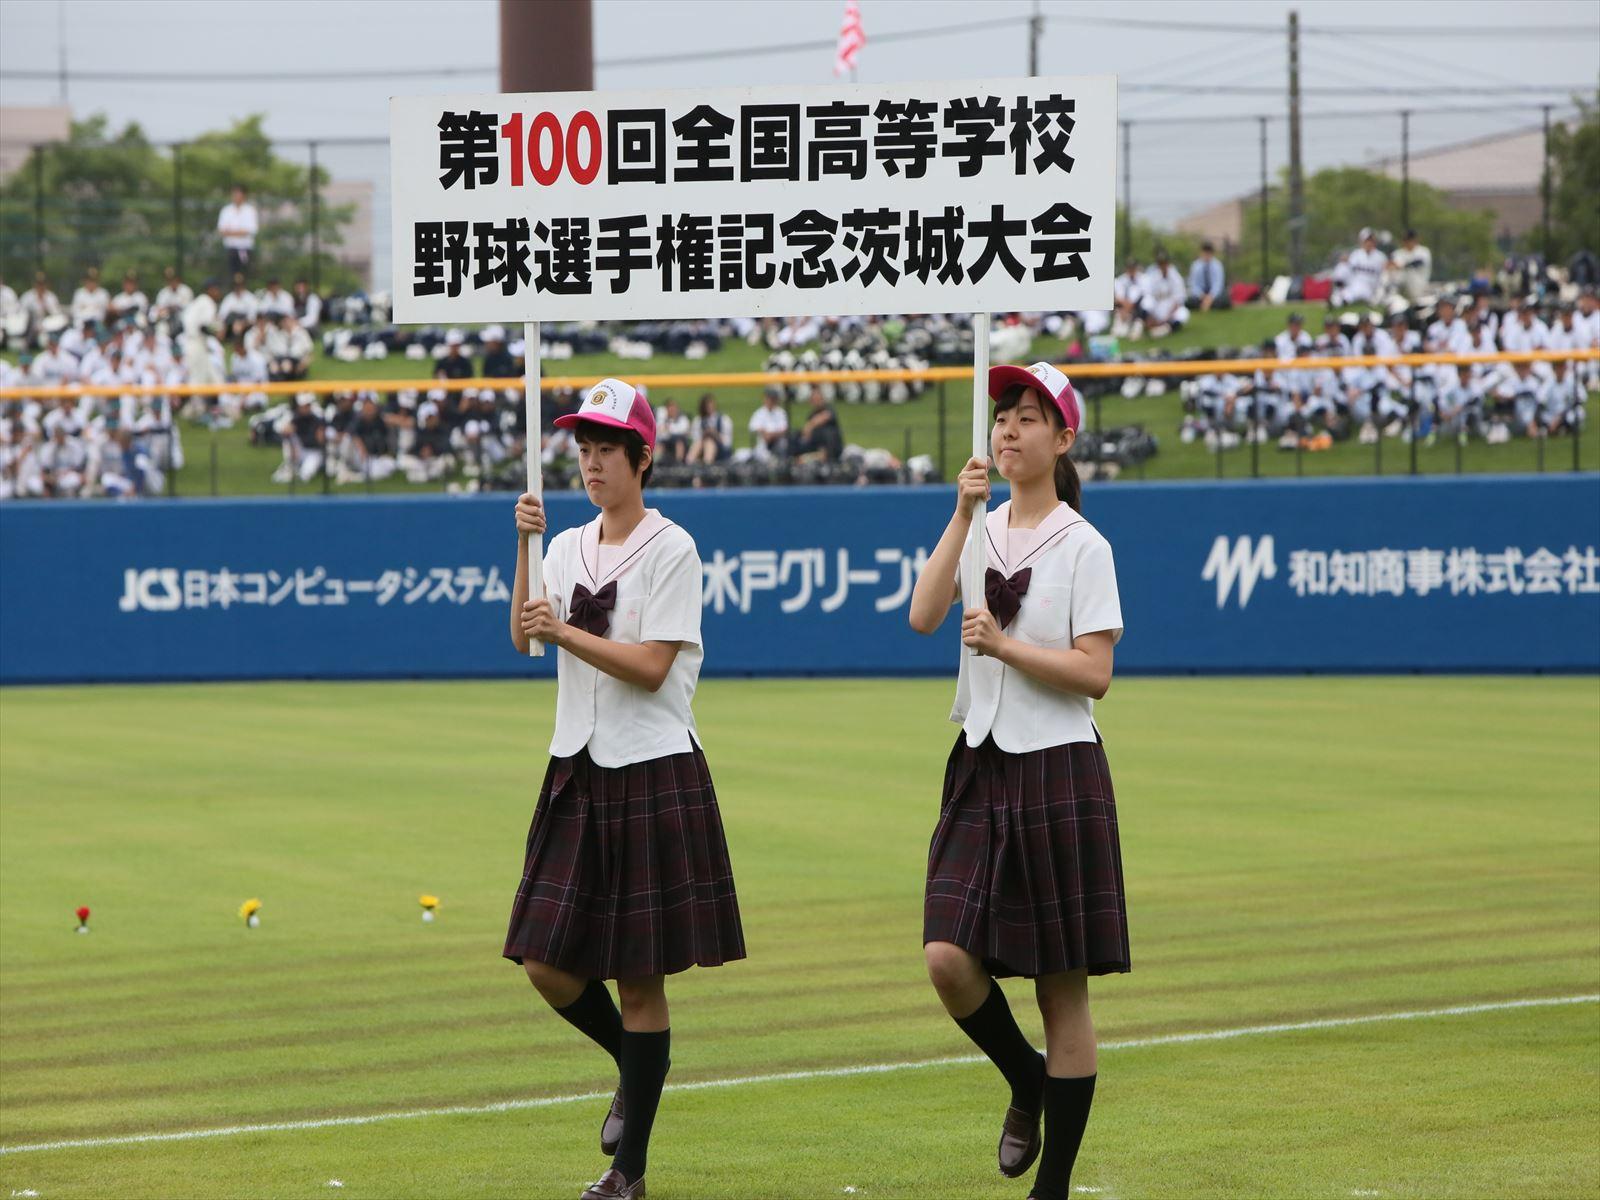 高校野球開会式(H30)②